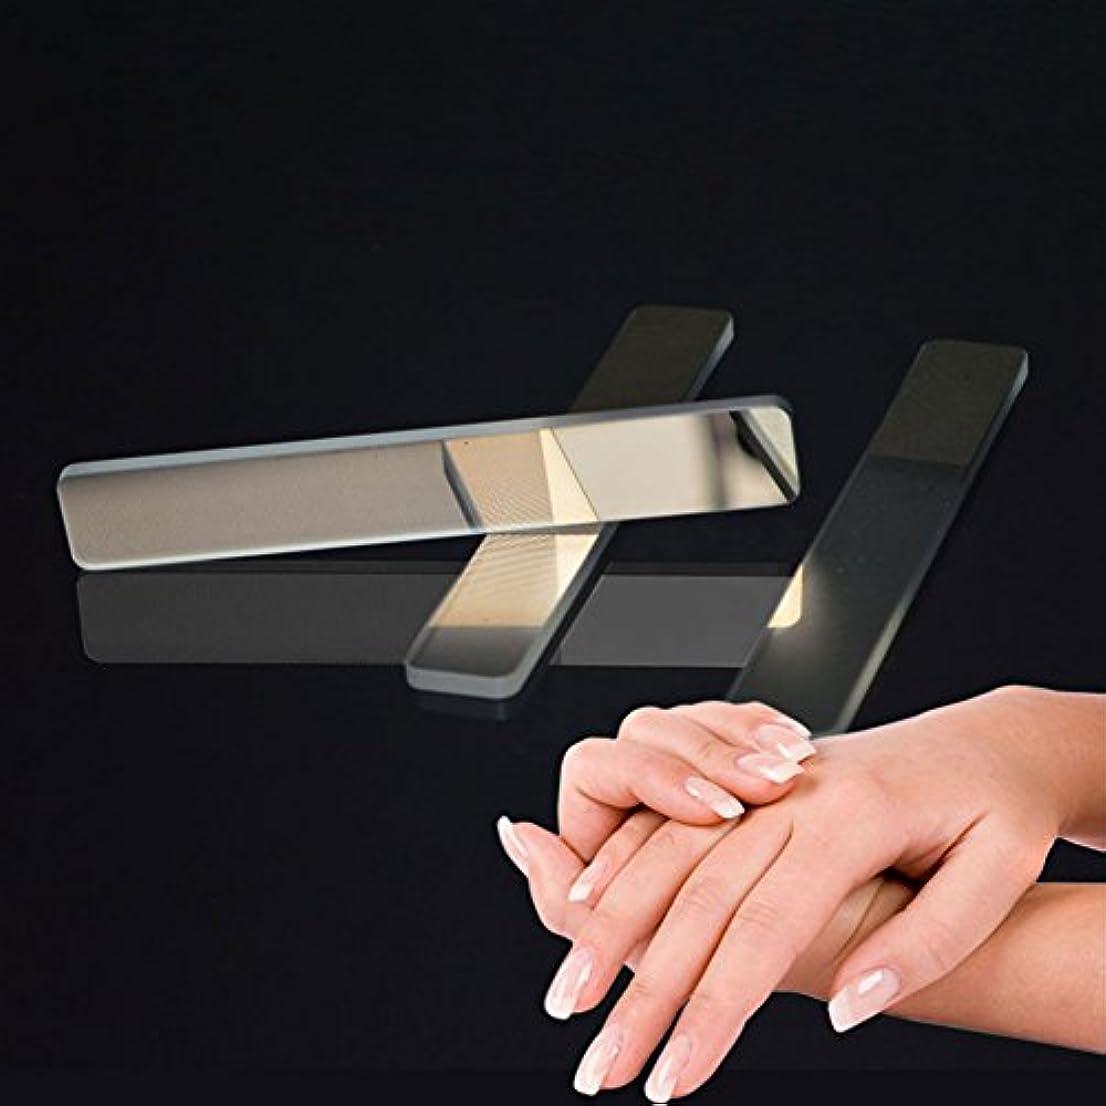 平行未亡人受動的爪やすり WUUDI 爪磨き ガラス爪ヤスリ ネイルファイル ネイルシャイナー つめケア ガラス製 ネイルケア 甘皮処理 (白)